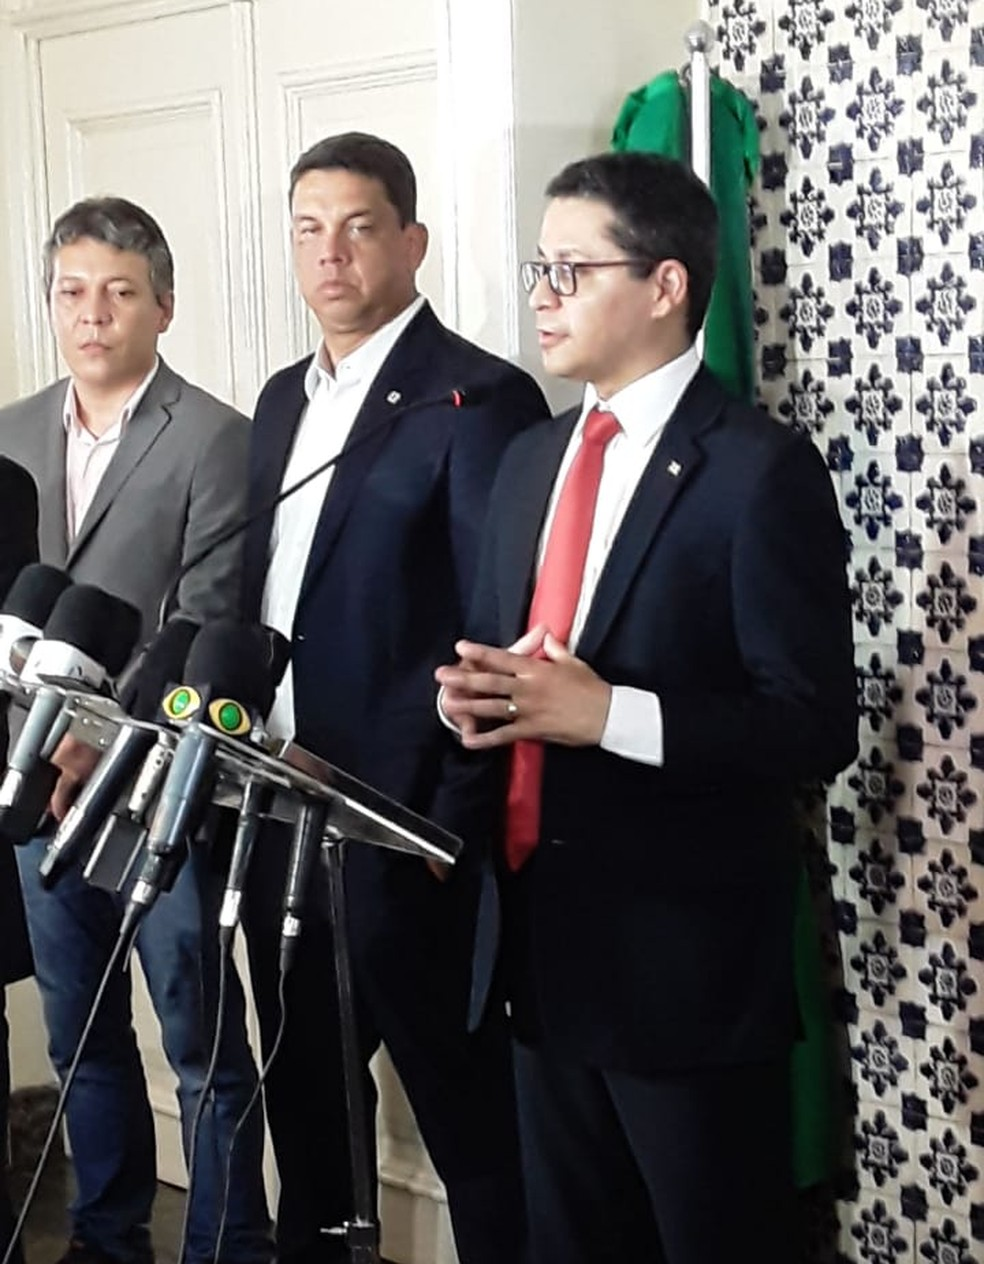 Carlos Lula, secretário estadual de Saúde do Maranhão, fala sobre as mudanças no protocolo de atendimento de casos do novo coronavírus. — Foto: Alex Barbosa/TV Mirante